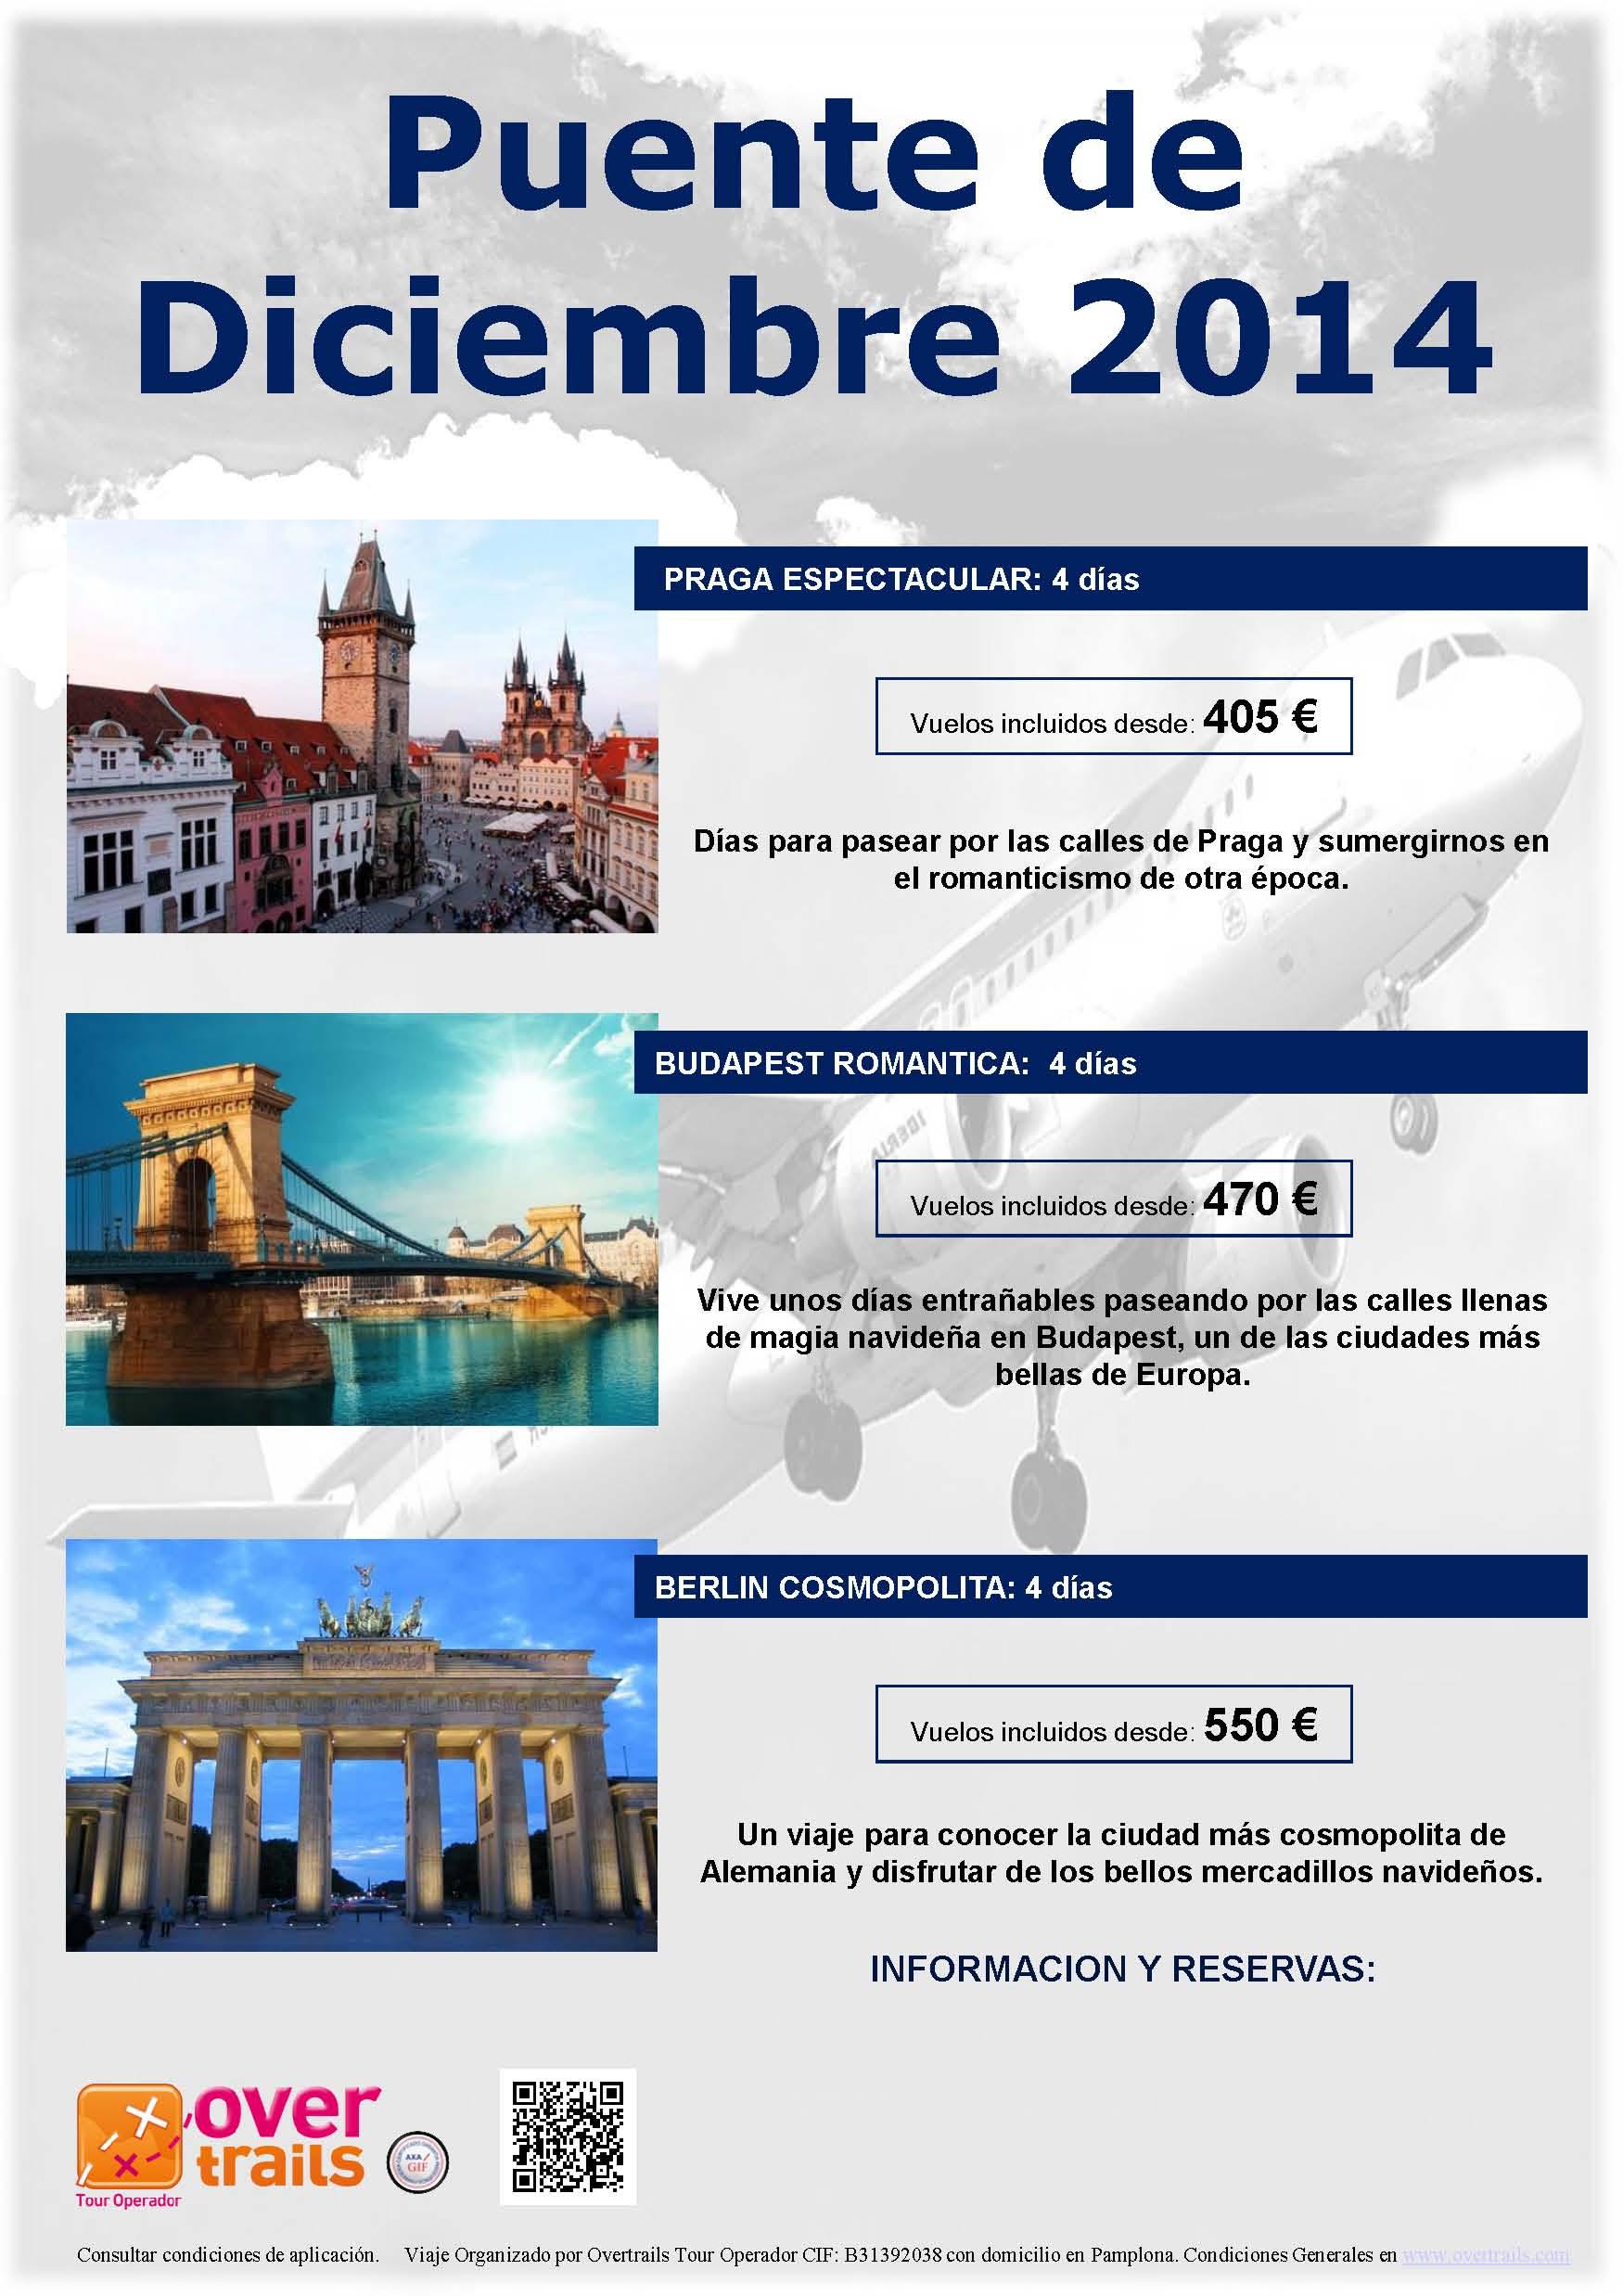 PUENTE DE DICIEMBRE 2014